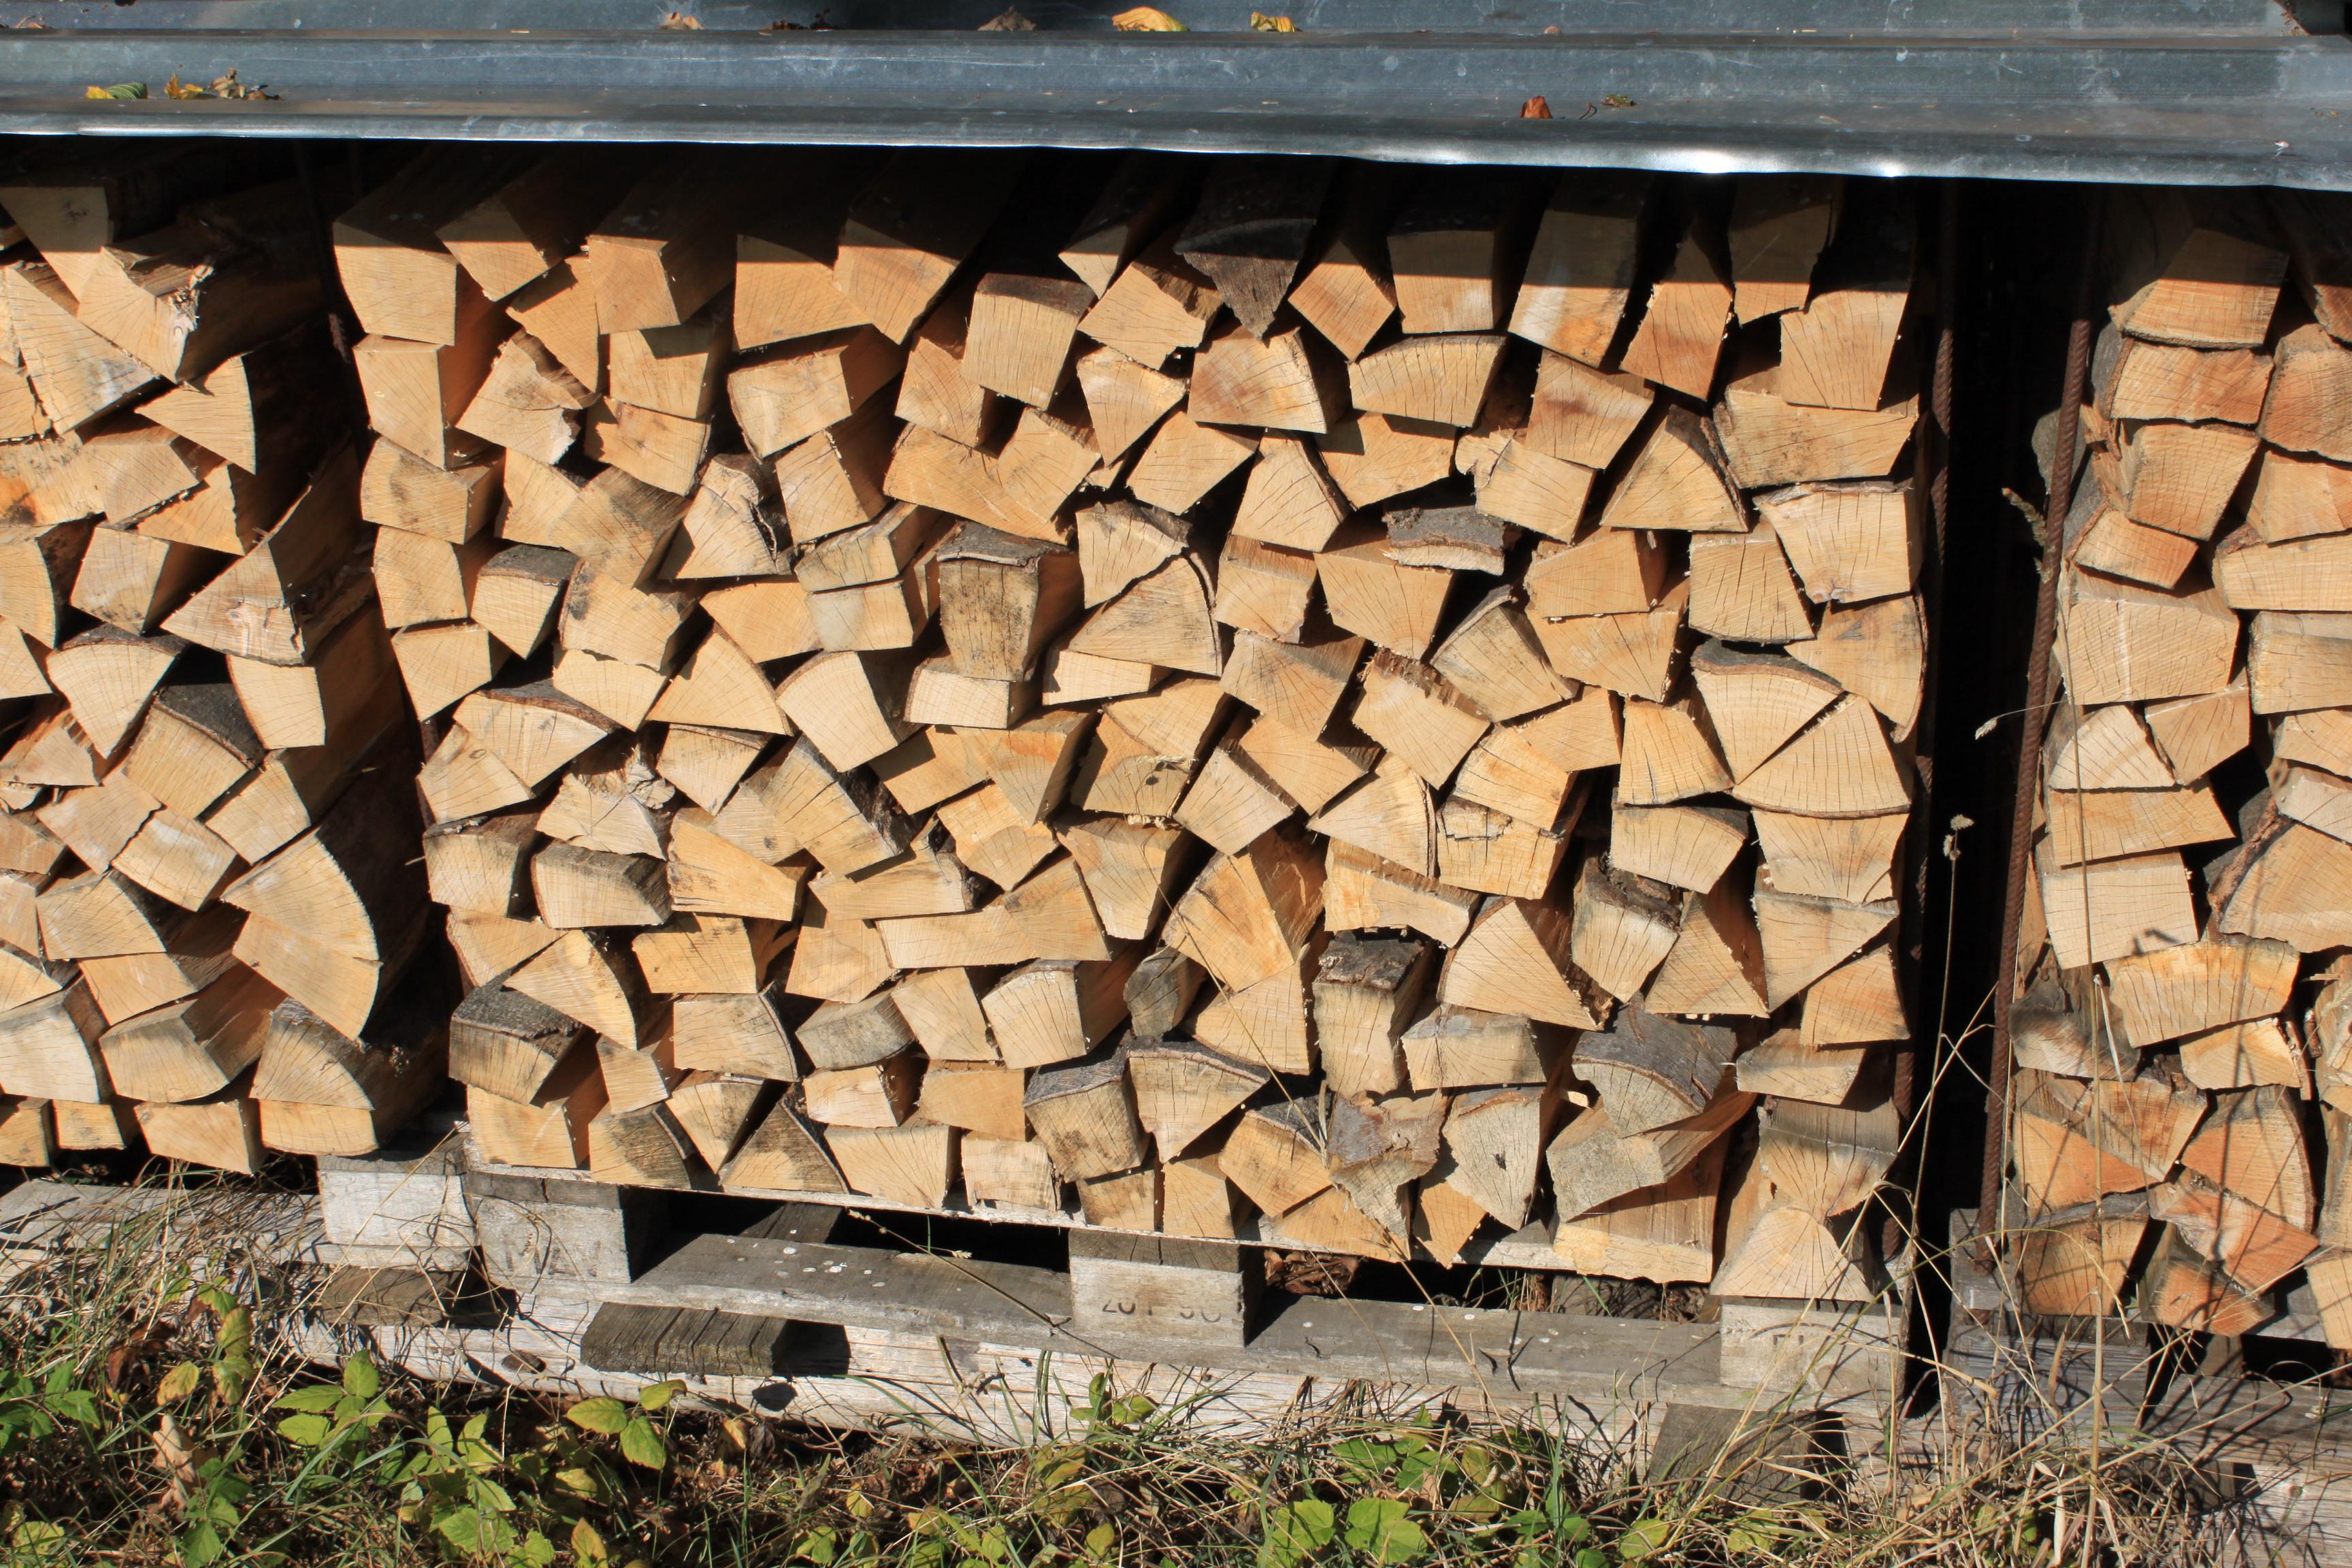 Geliebte brennholzkaufen.ch | Trockenes Brennholz online bestellen &MJ_93